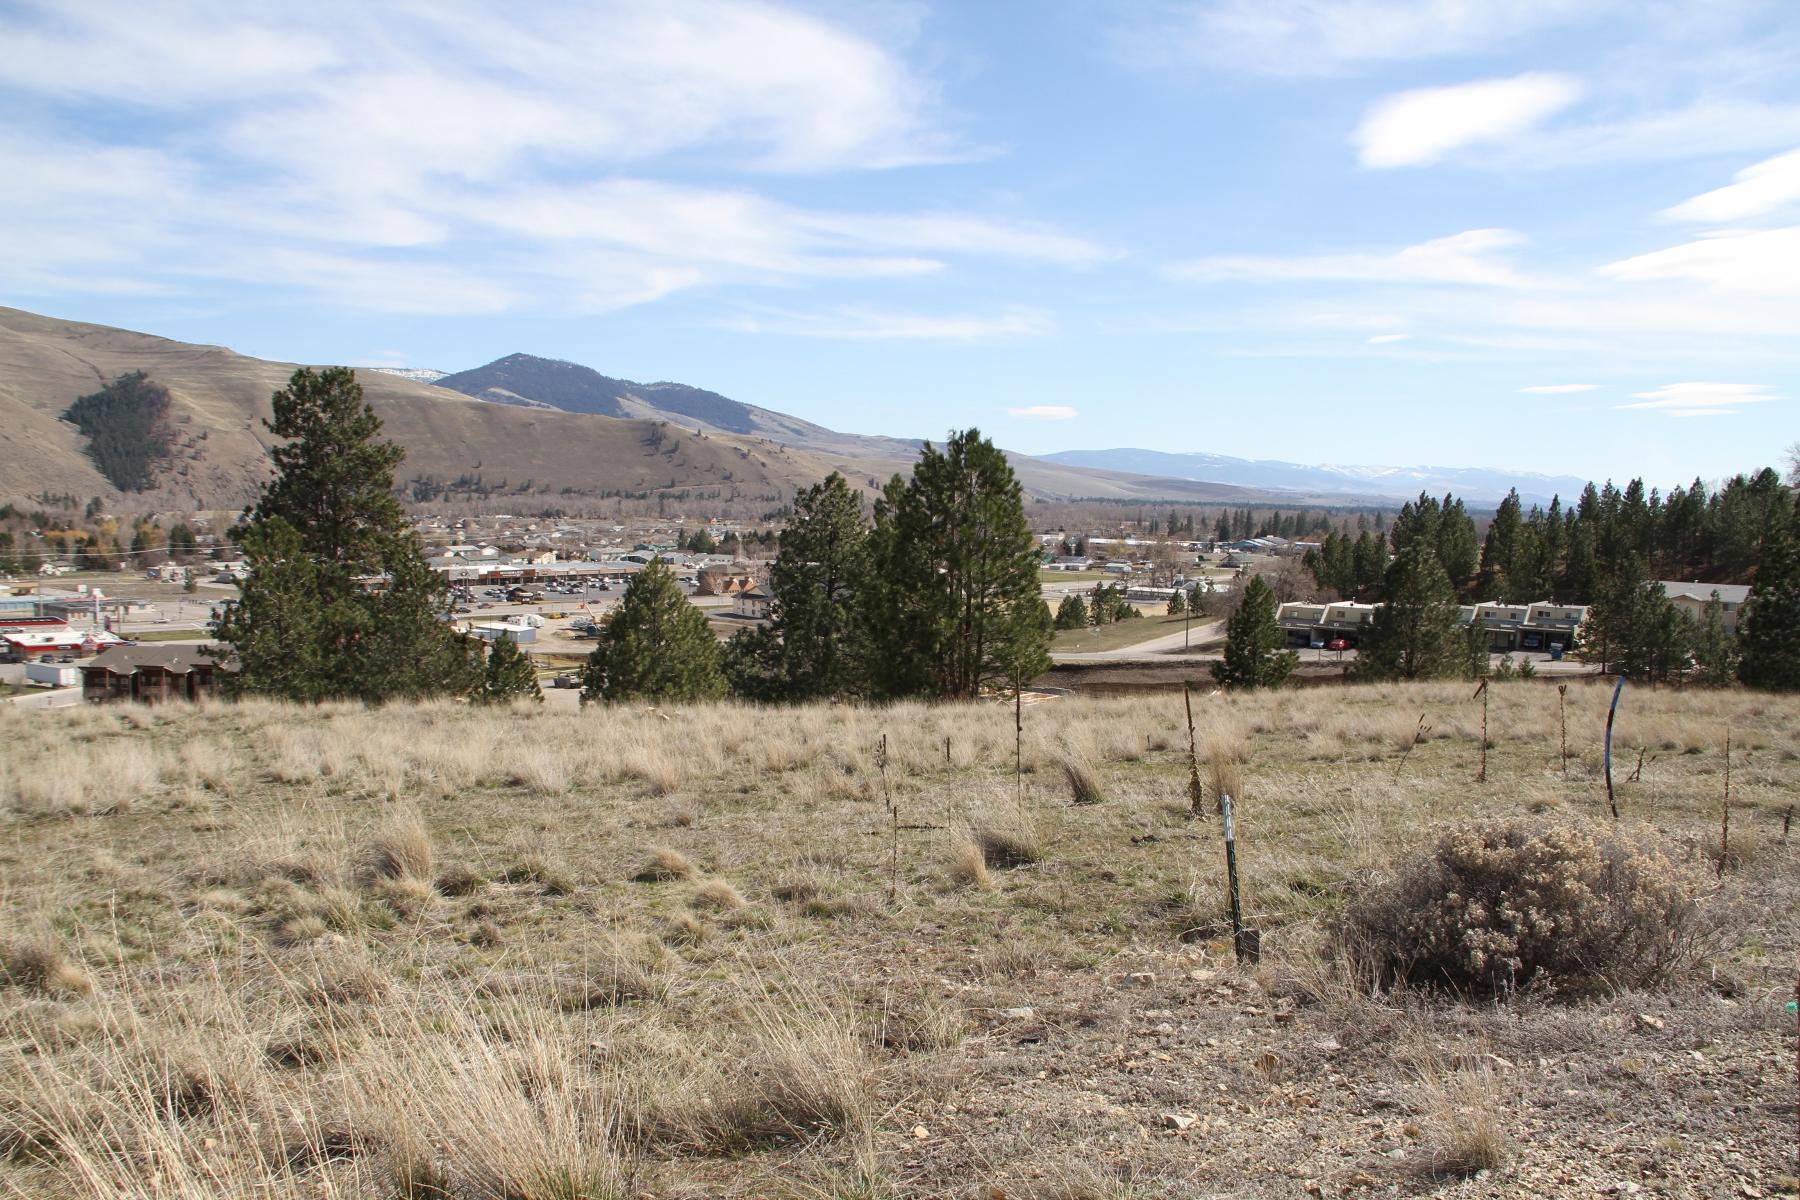 Terreno por un Venta en Ponderosa Heights Lot 13 Sugar Pine Place Lolo, Montana 59847 Estados Unidos